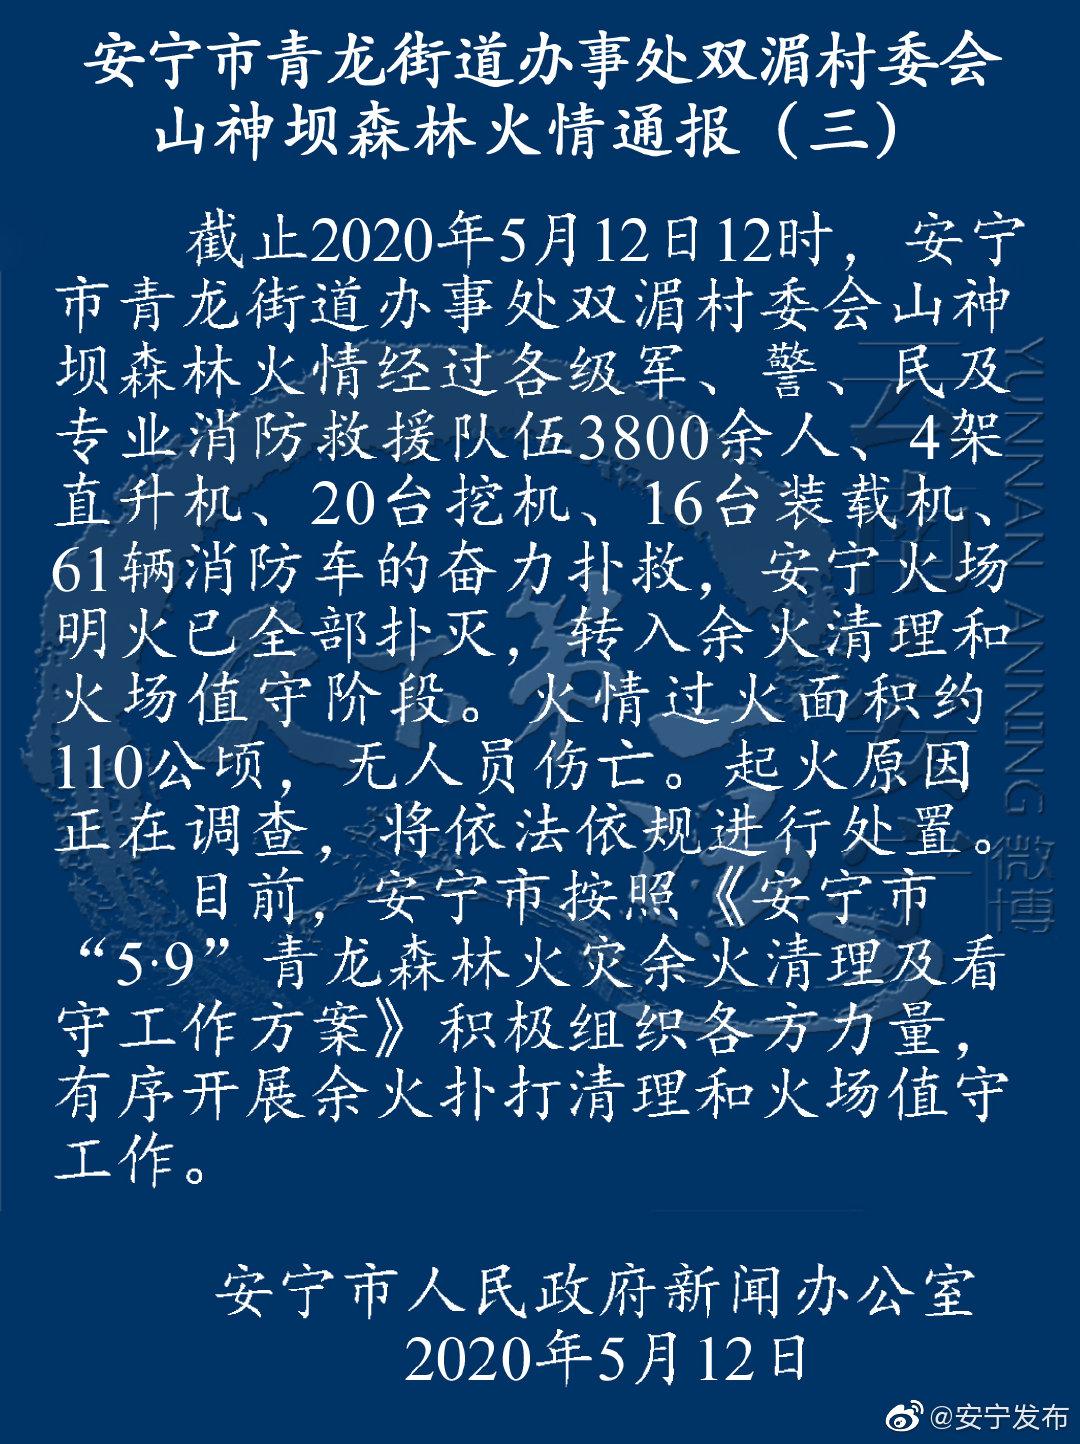 最新消息!安宁火场明火已全部扑灭.jpg